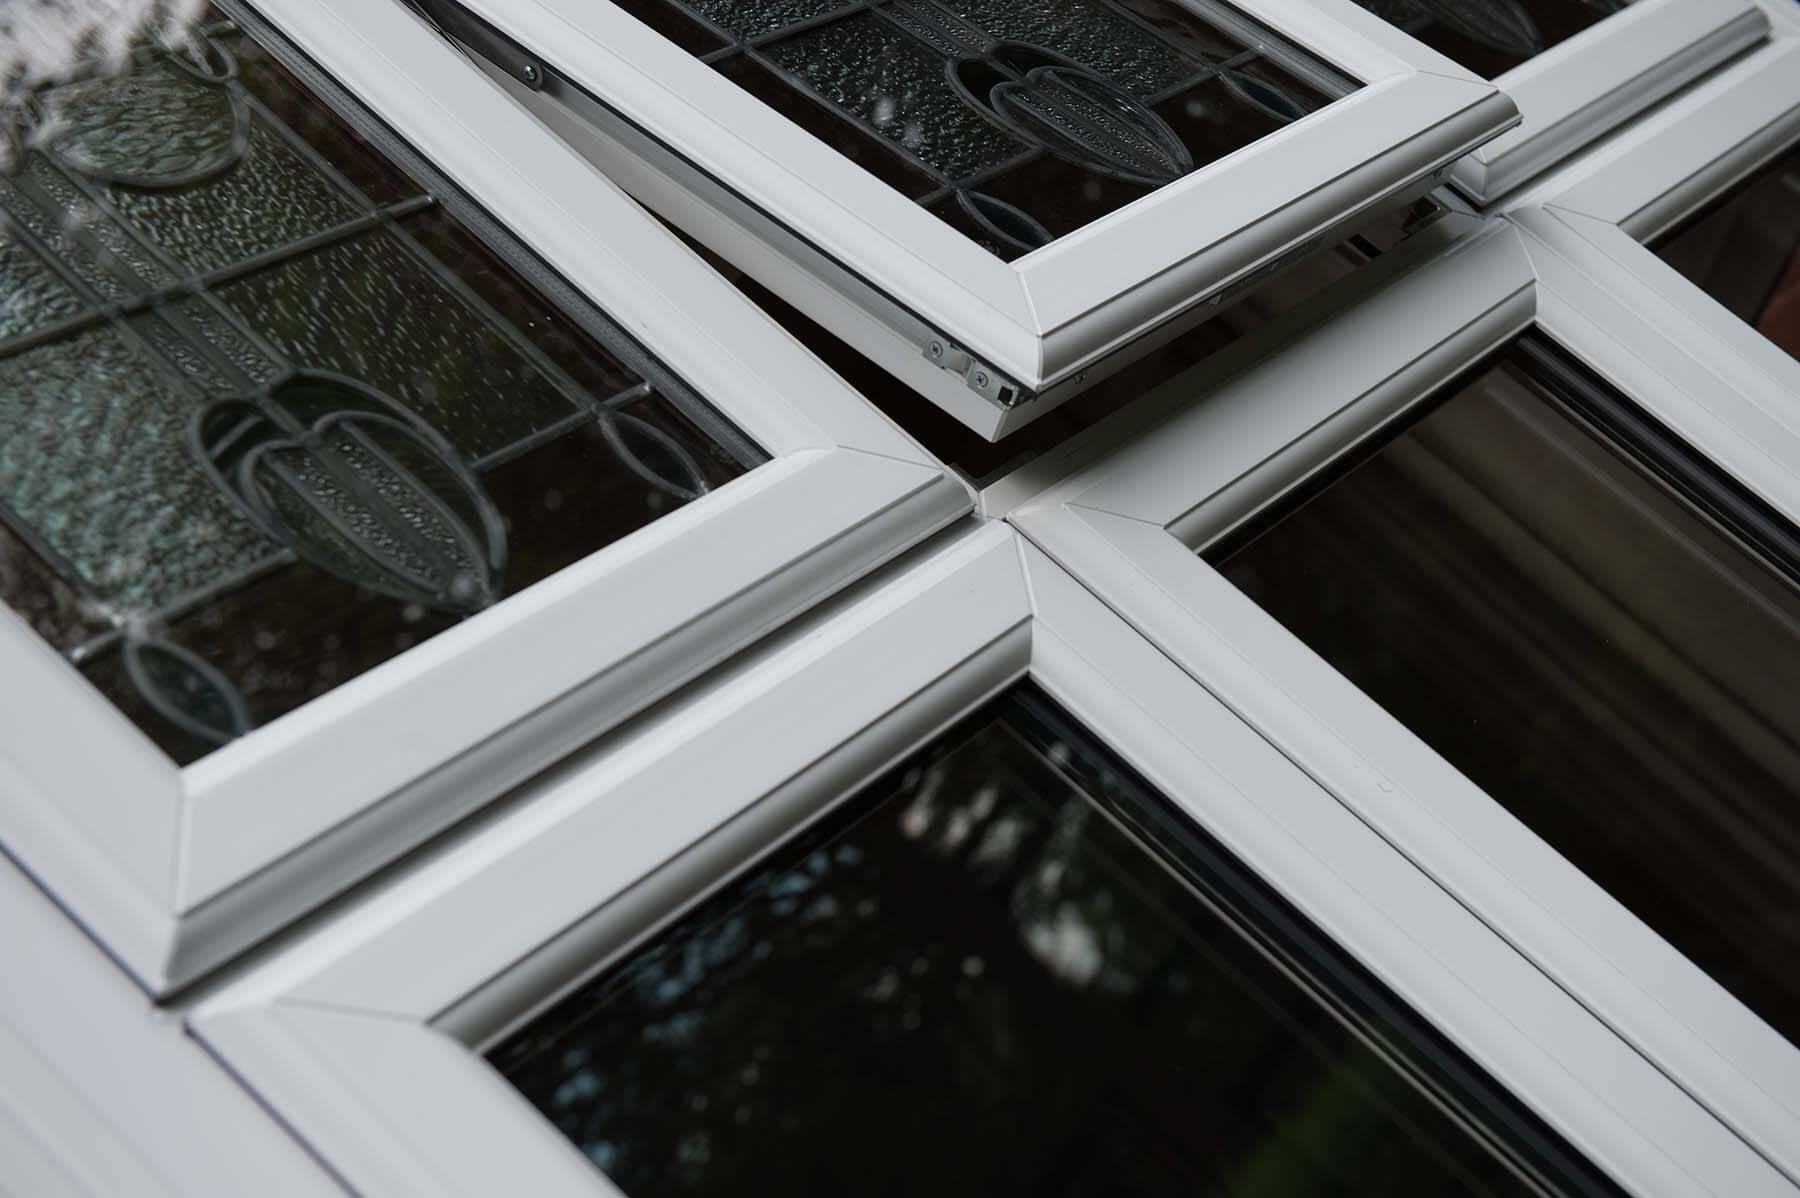 upvc window close up